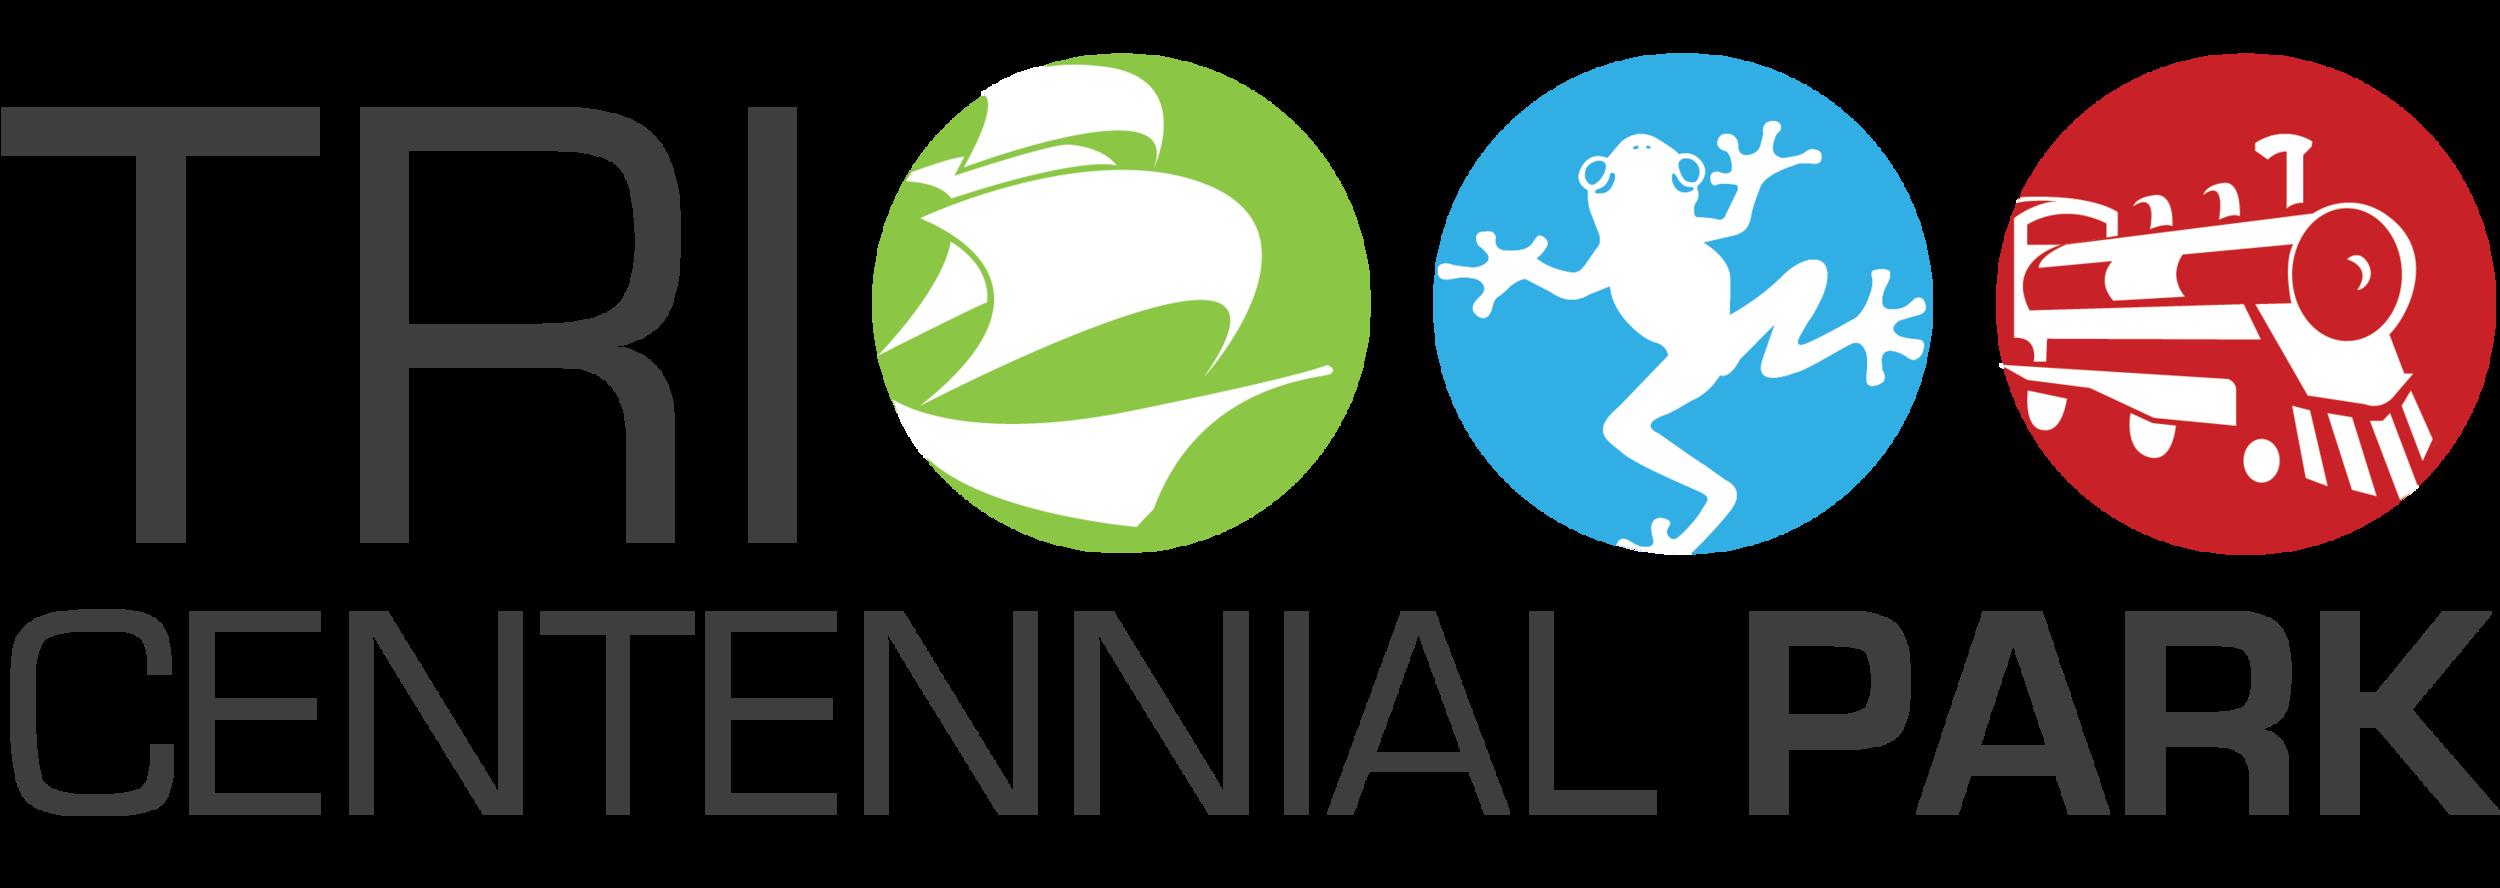 Tricentennial Logo Final CMYK.png